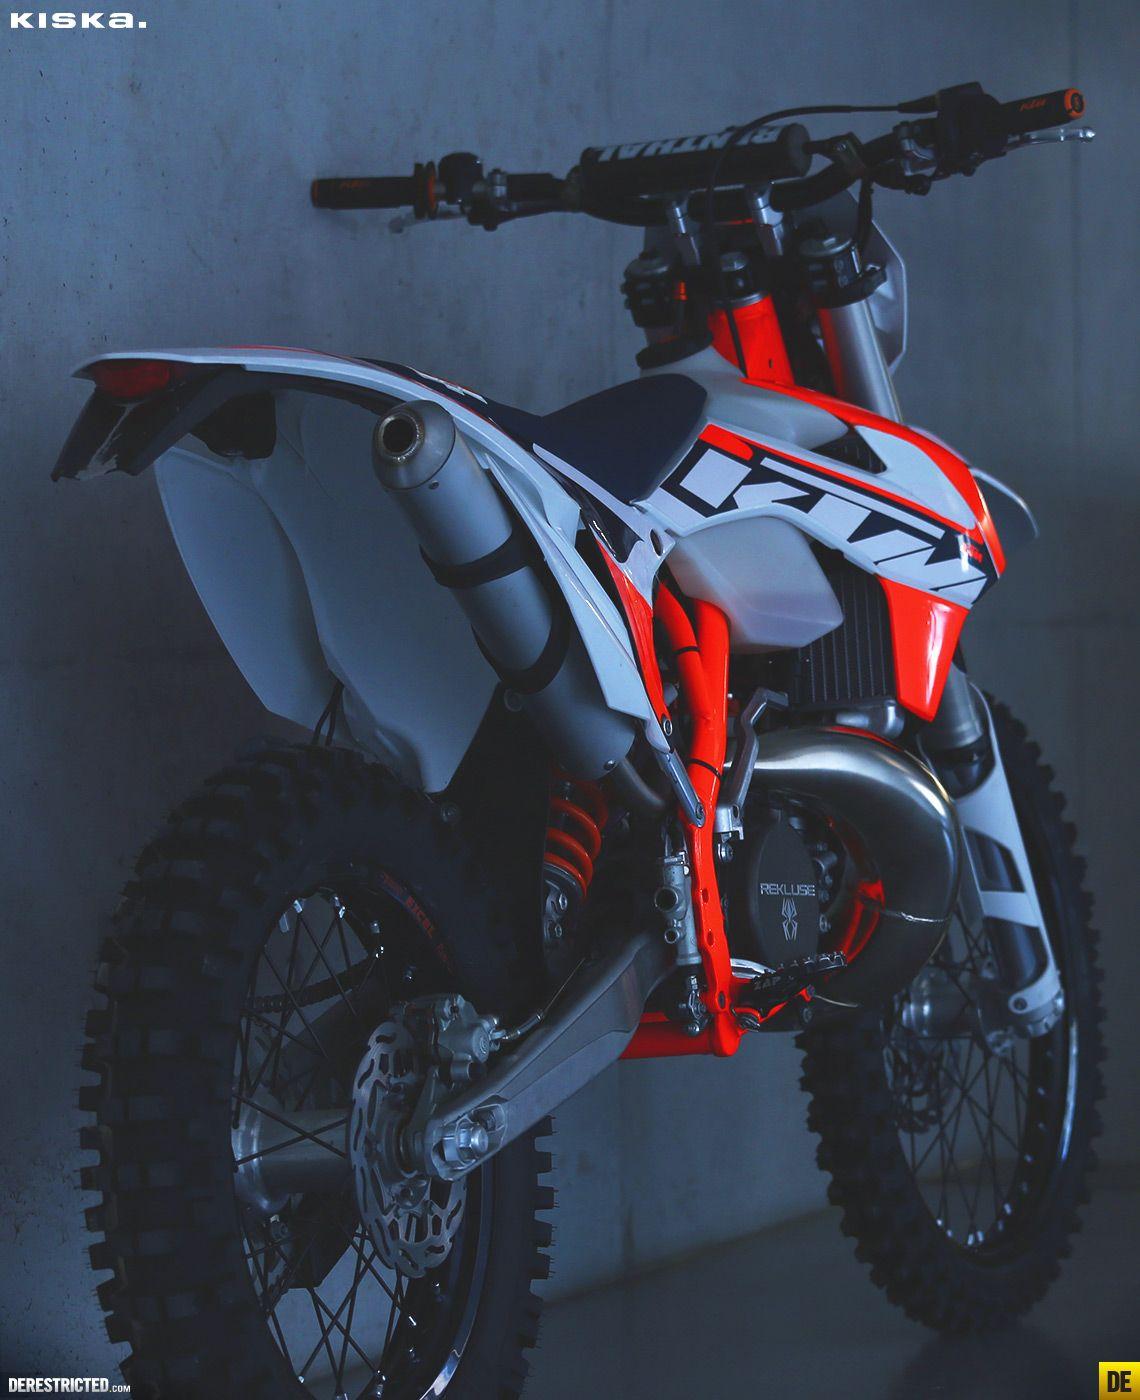 Les 25 meilleures id es de la cat gorie moto cross ktm sur - Image de moto cross ktm ...